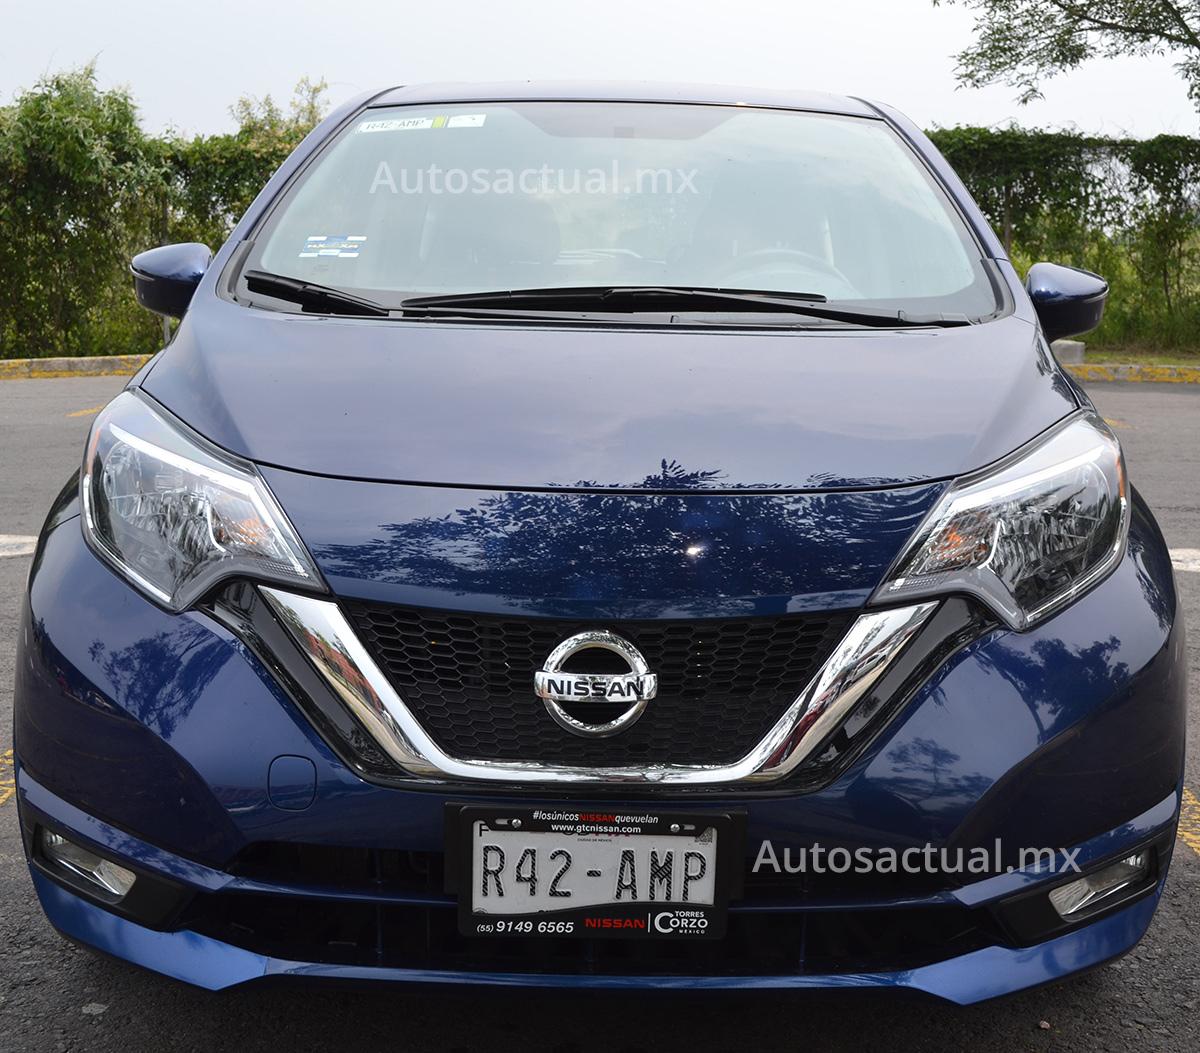 Nissan Note 2017 en garaje de Autos Actual